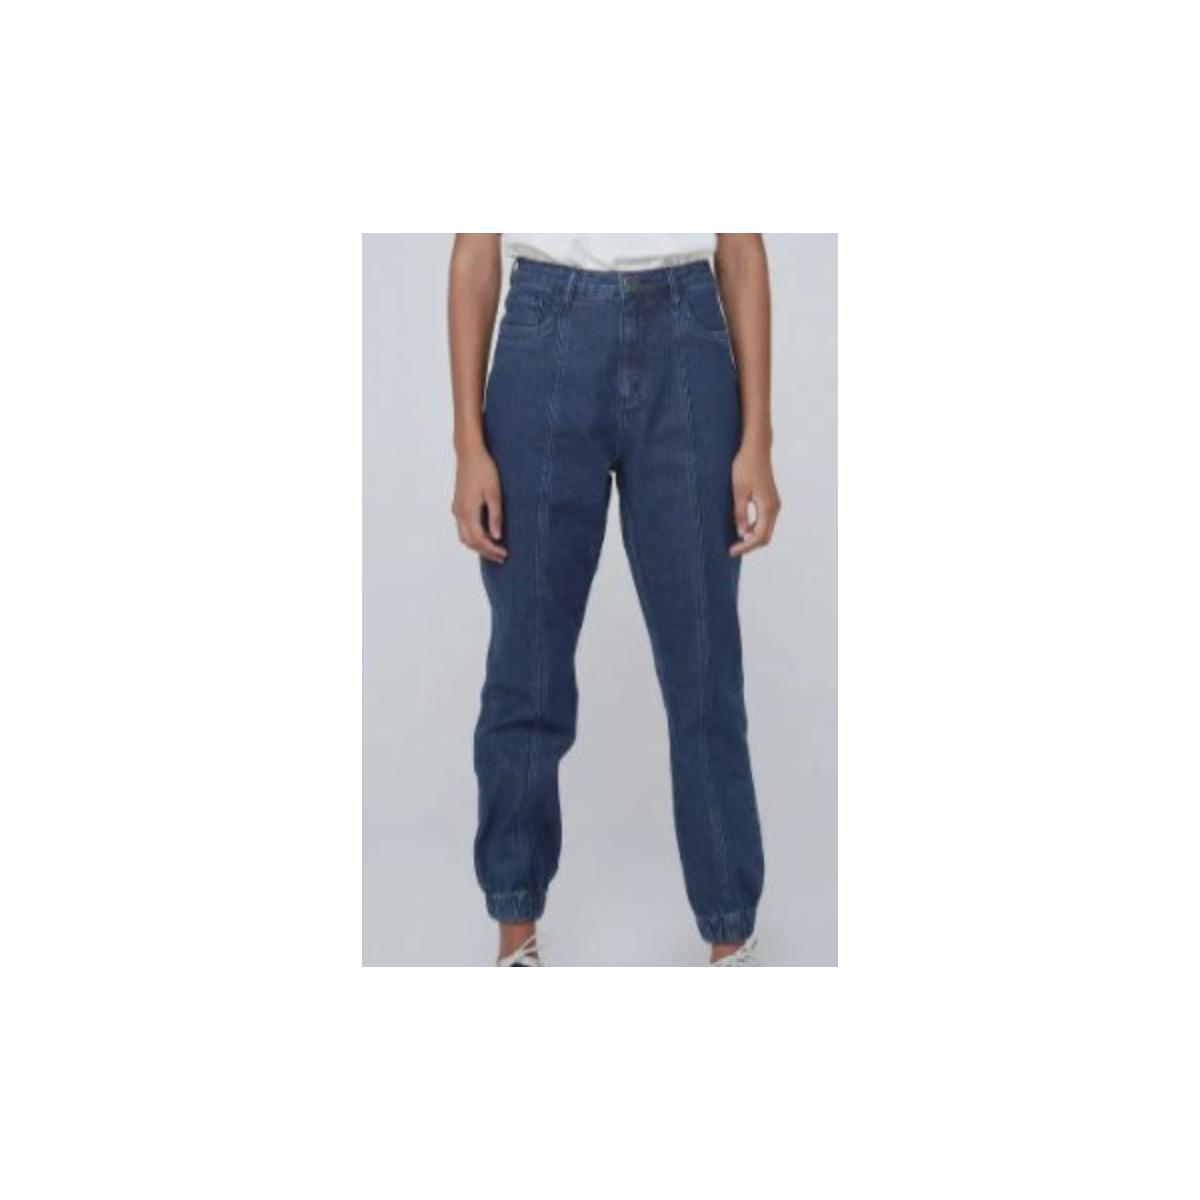 Calça Feminina Dzarm Zu7a 1asn Jeans